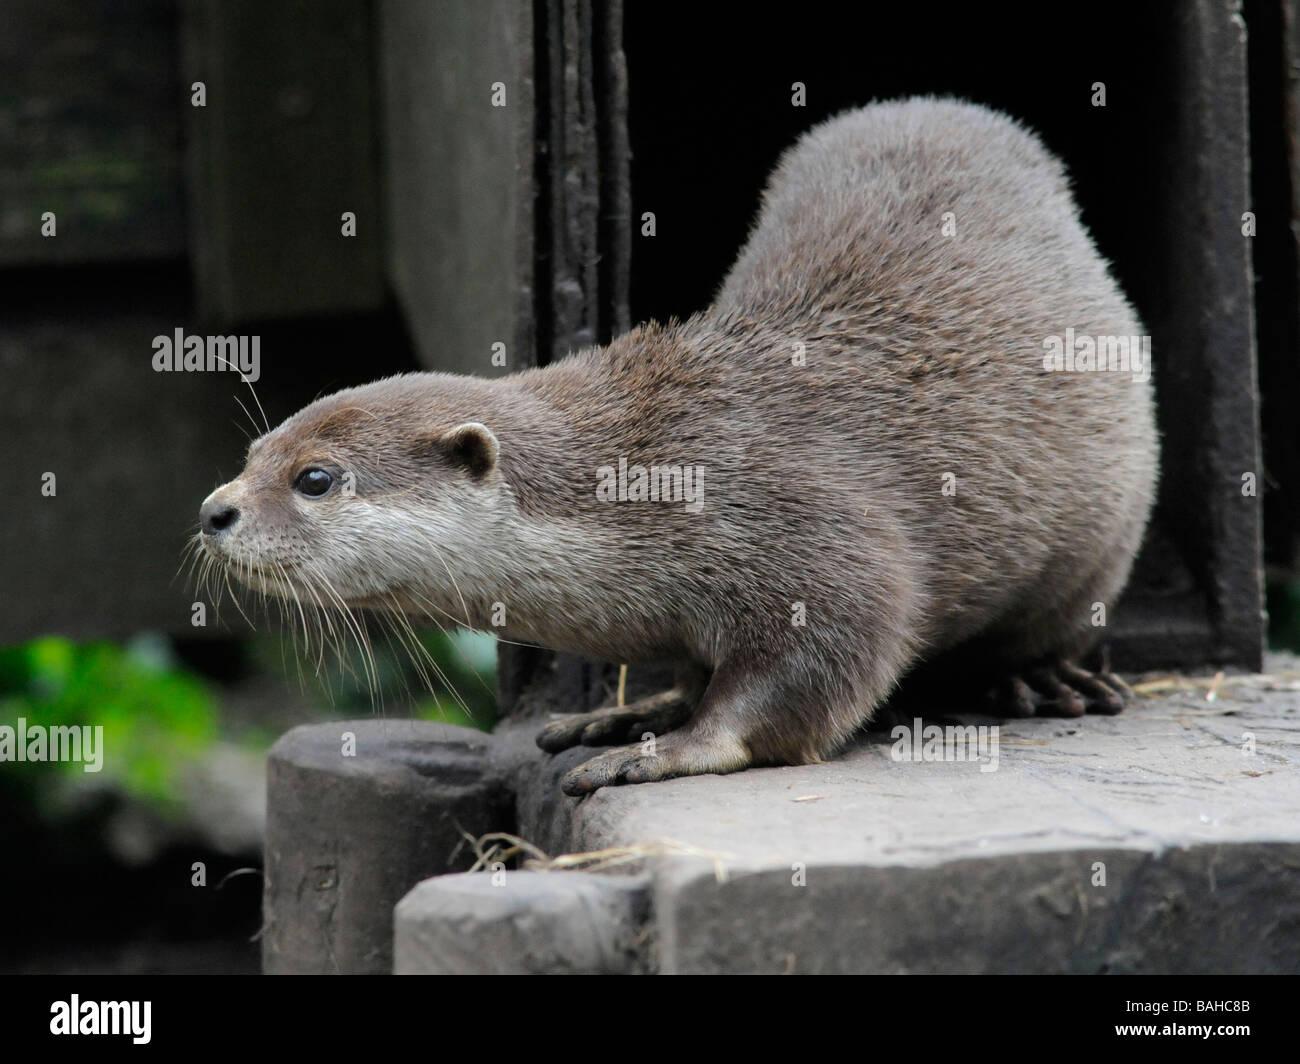 Eine asiatische kurze Krallen Otter auf Wache und Alarm außerhalb seiner Holt. Stockbild